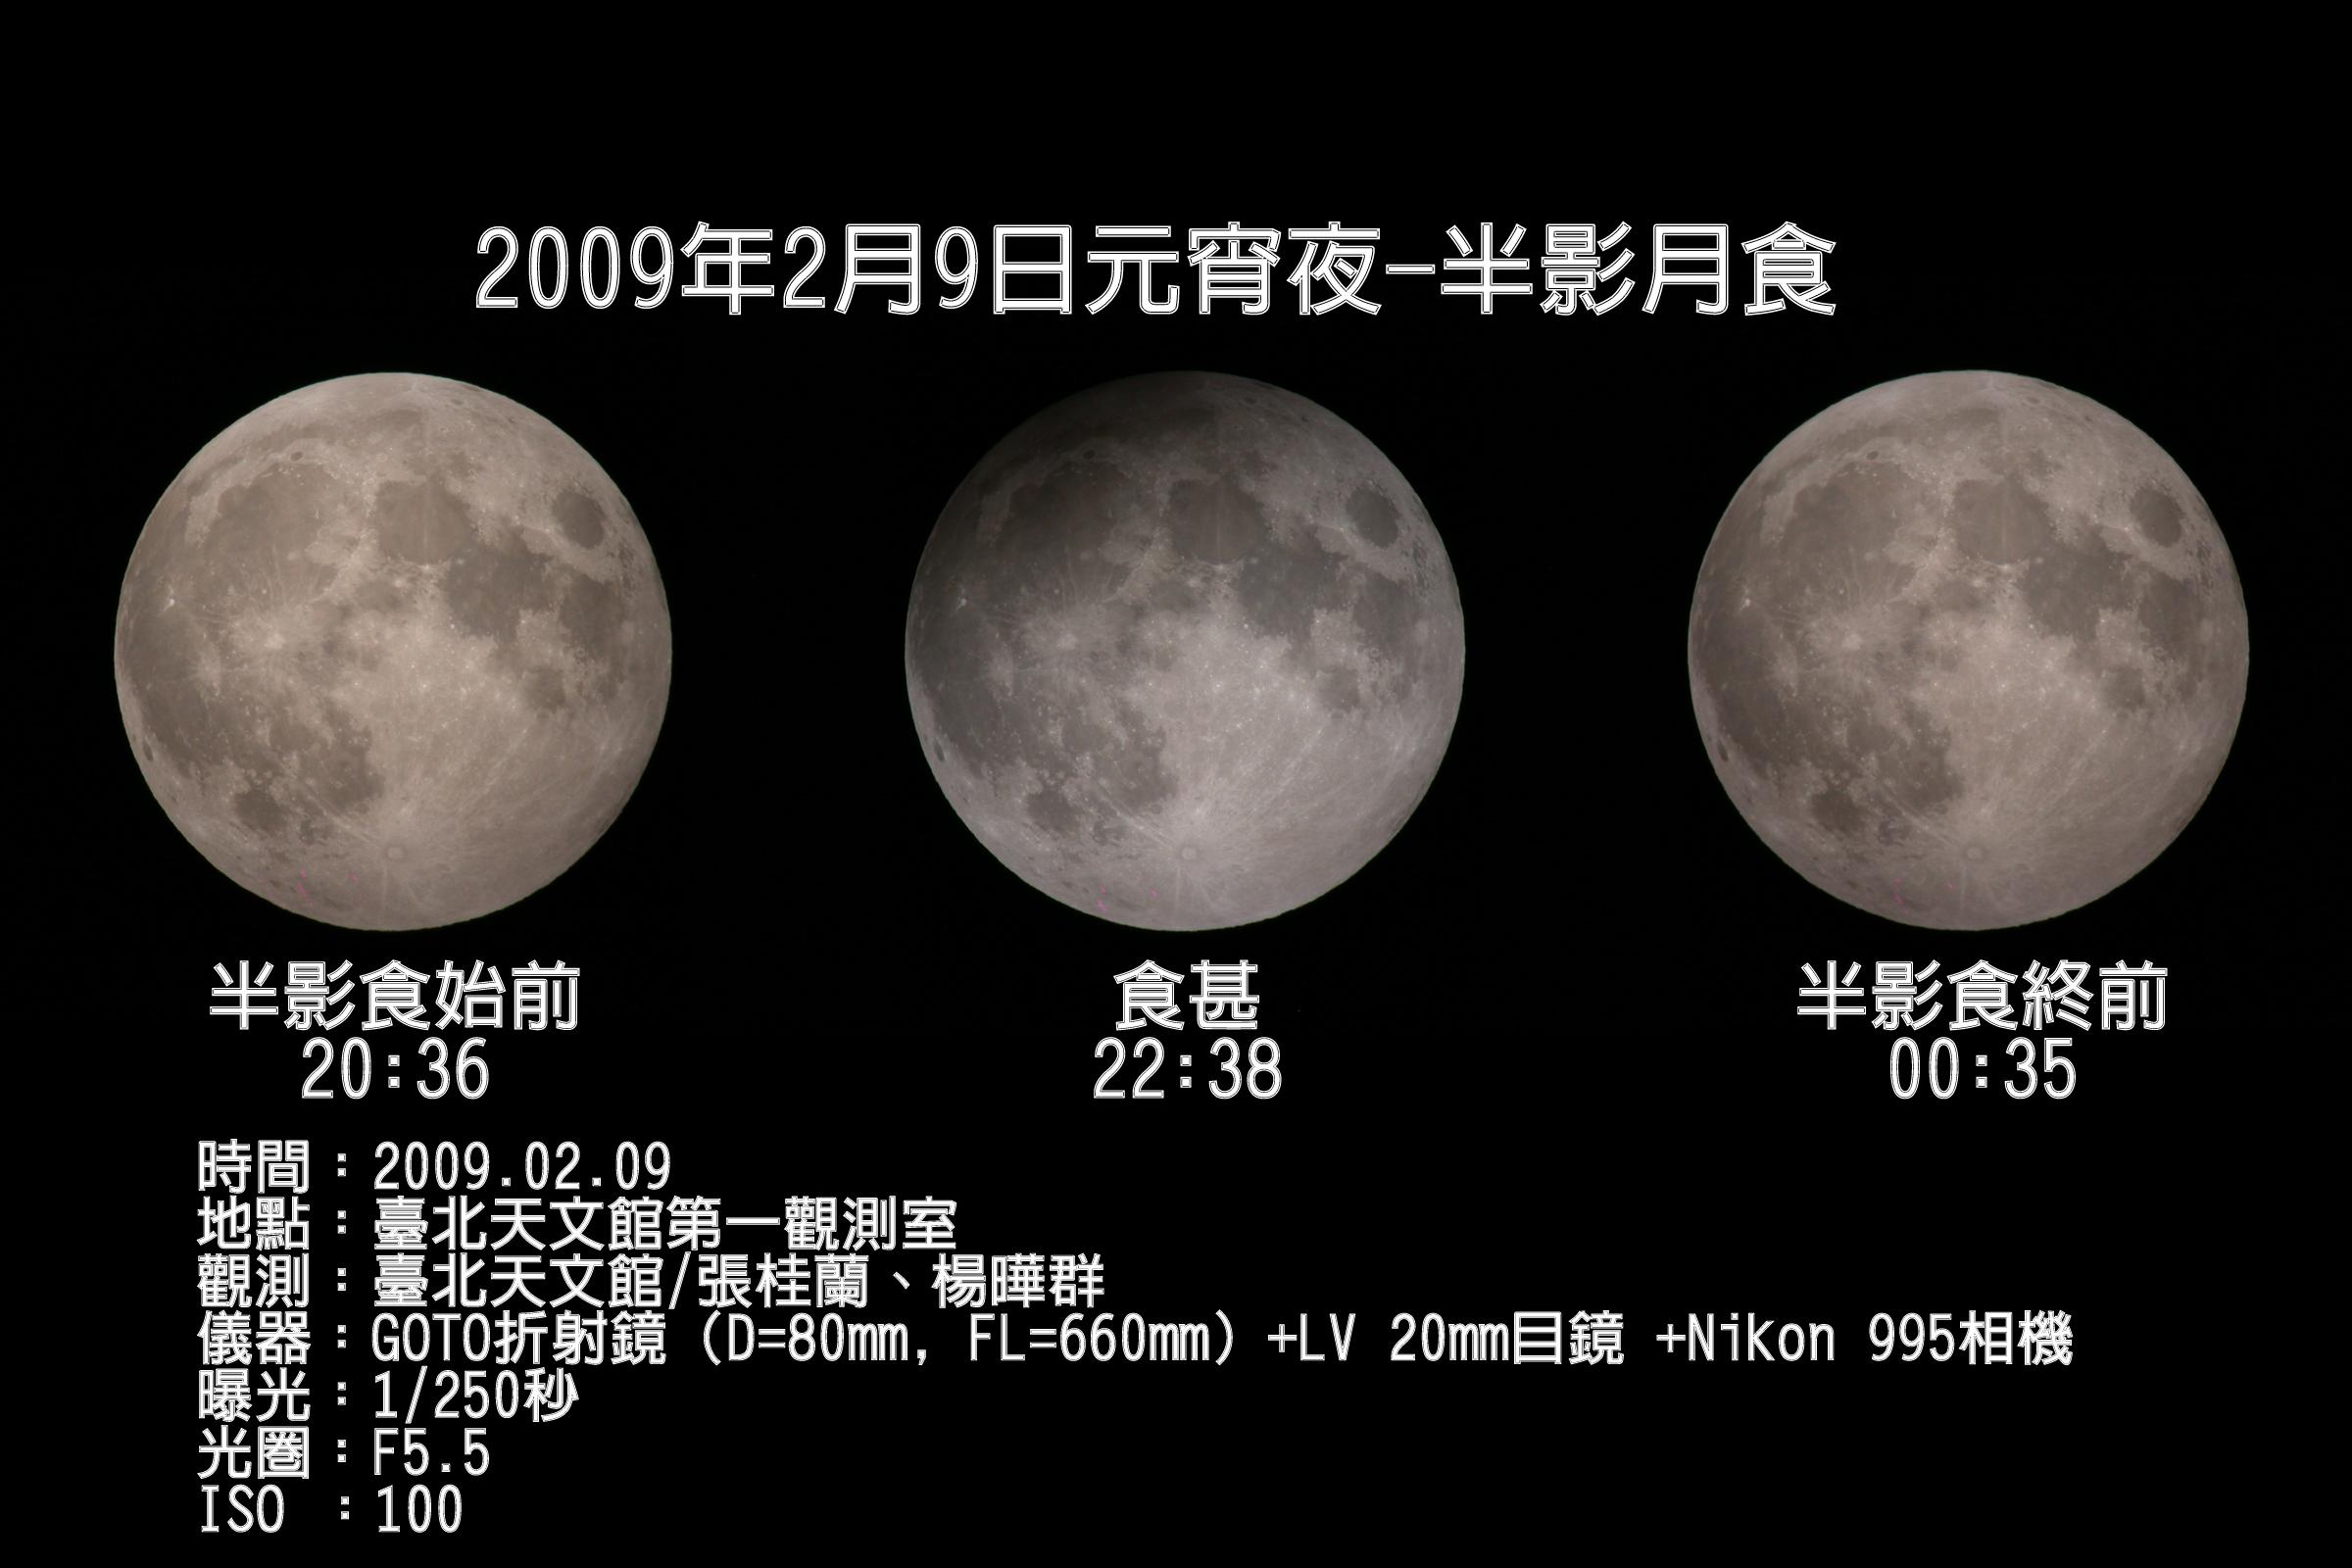 台北天文馆于2009年2月9日拍摄的半影月食影像。